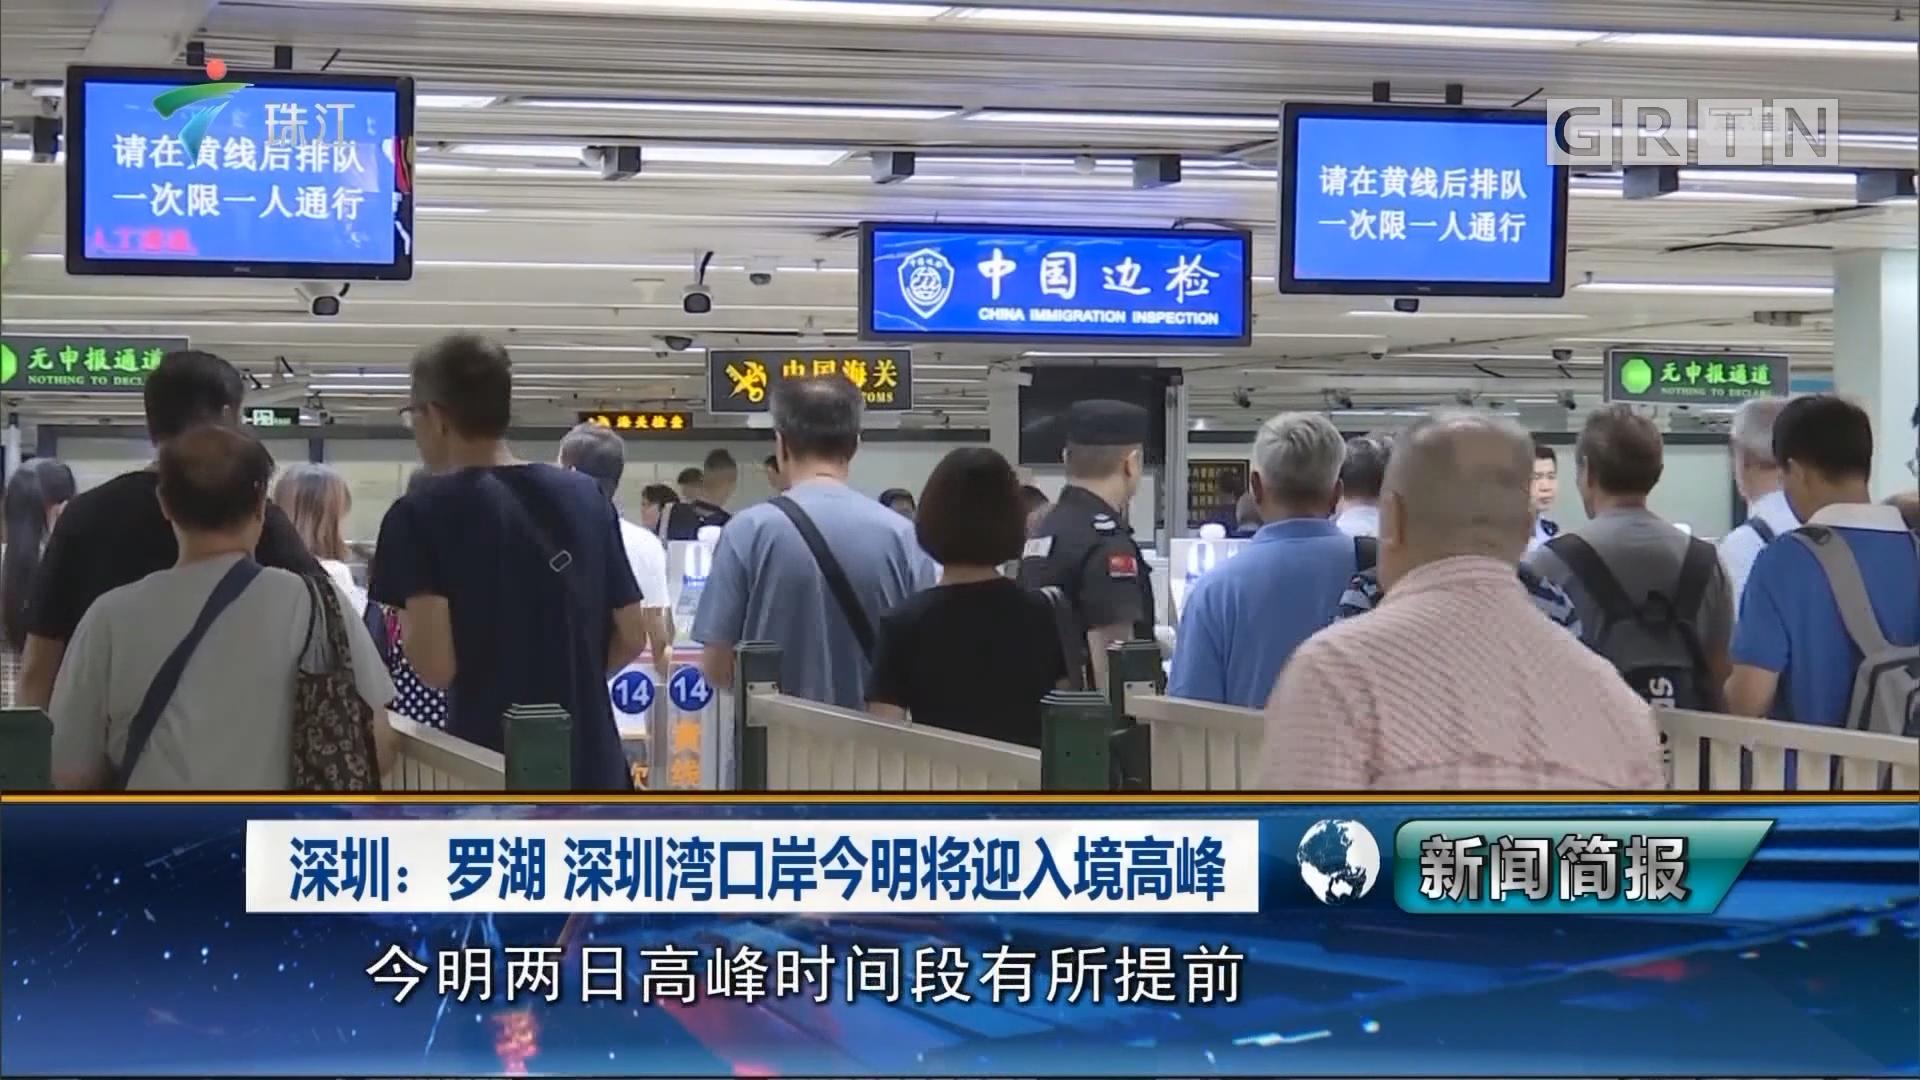 深圳:罗湖 深圳湾口岸今明将迎入境高峰